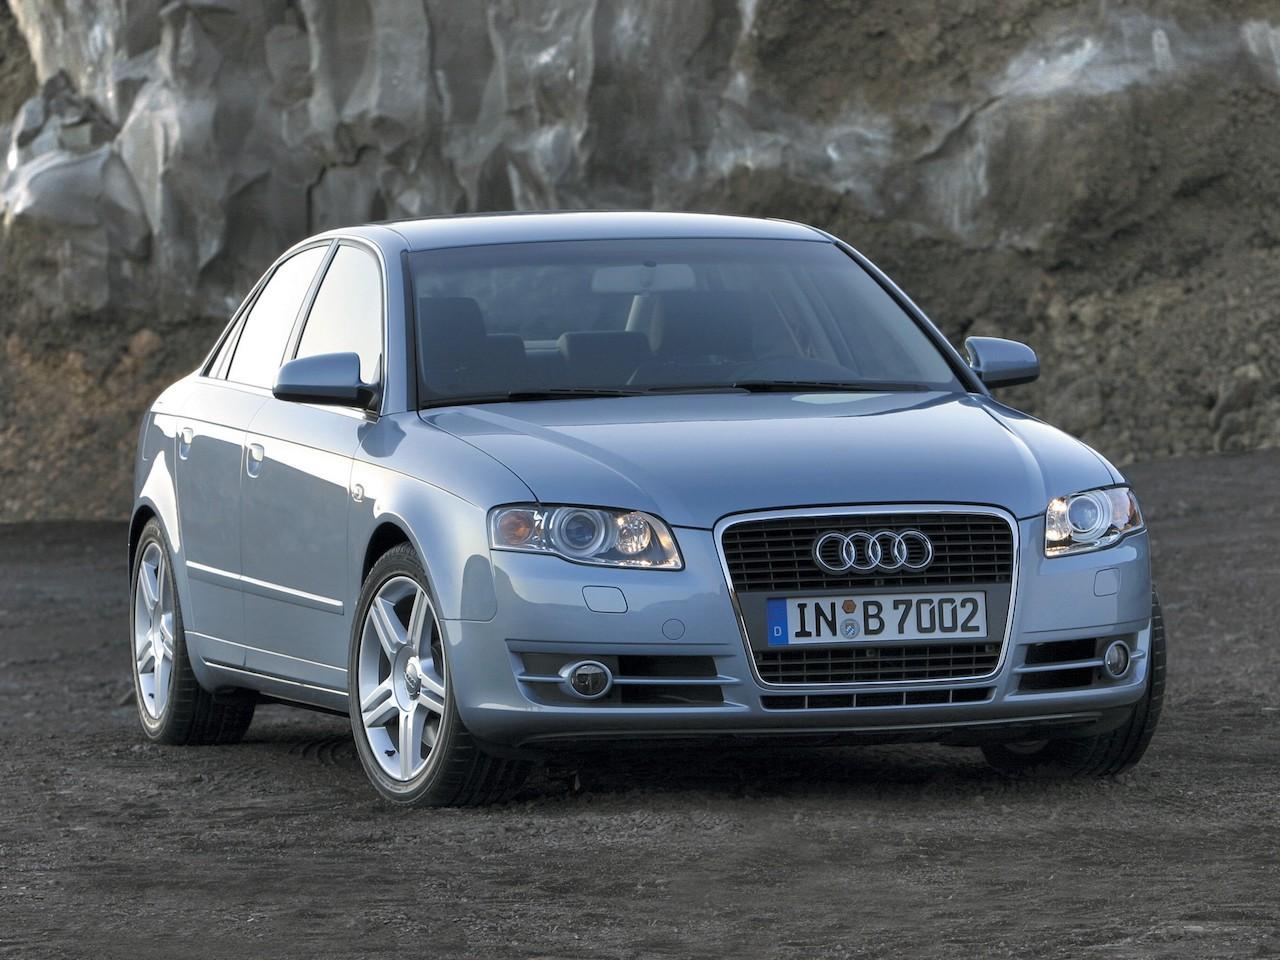 Audi-A4-b7-vibration-tremblement-2.jpg